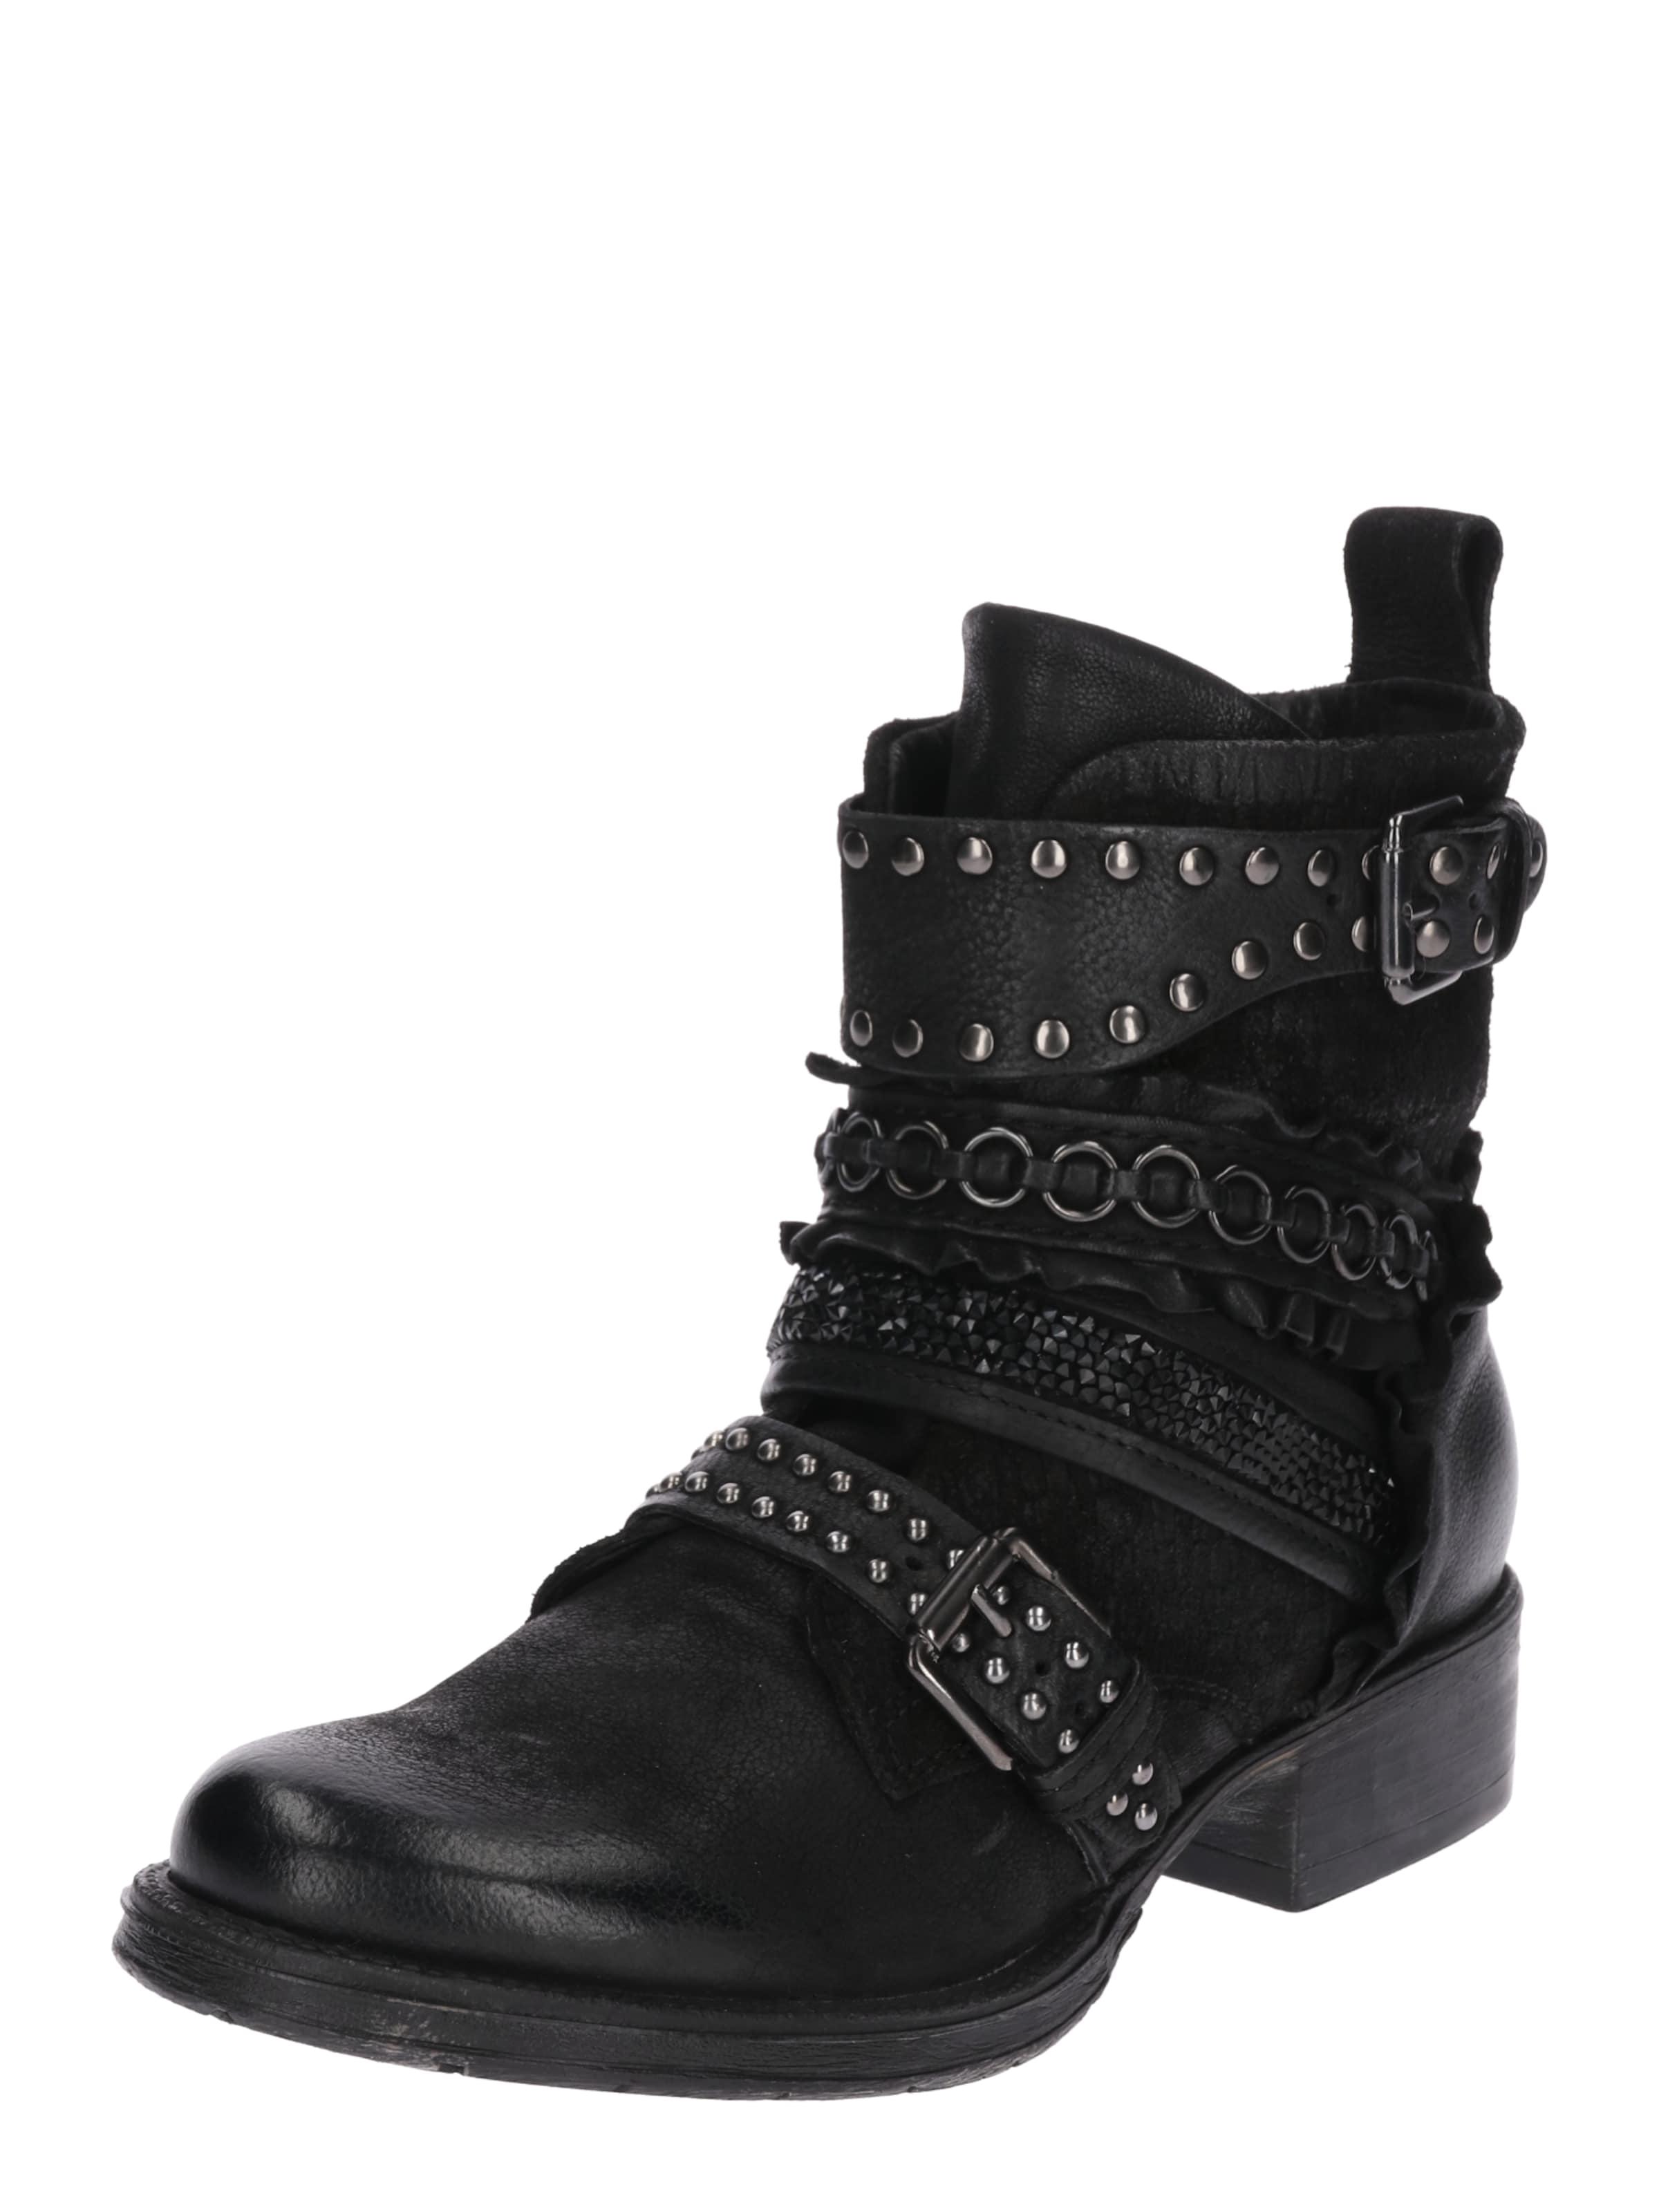 MJUS Biker-Stiefel Günstige und langlebige Schuhe